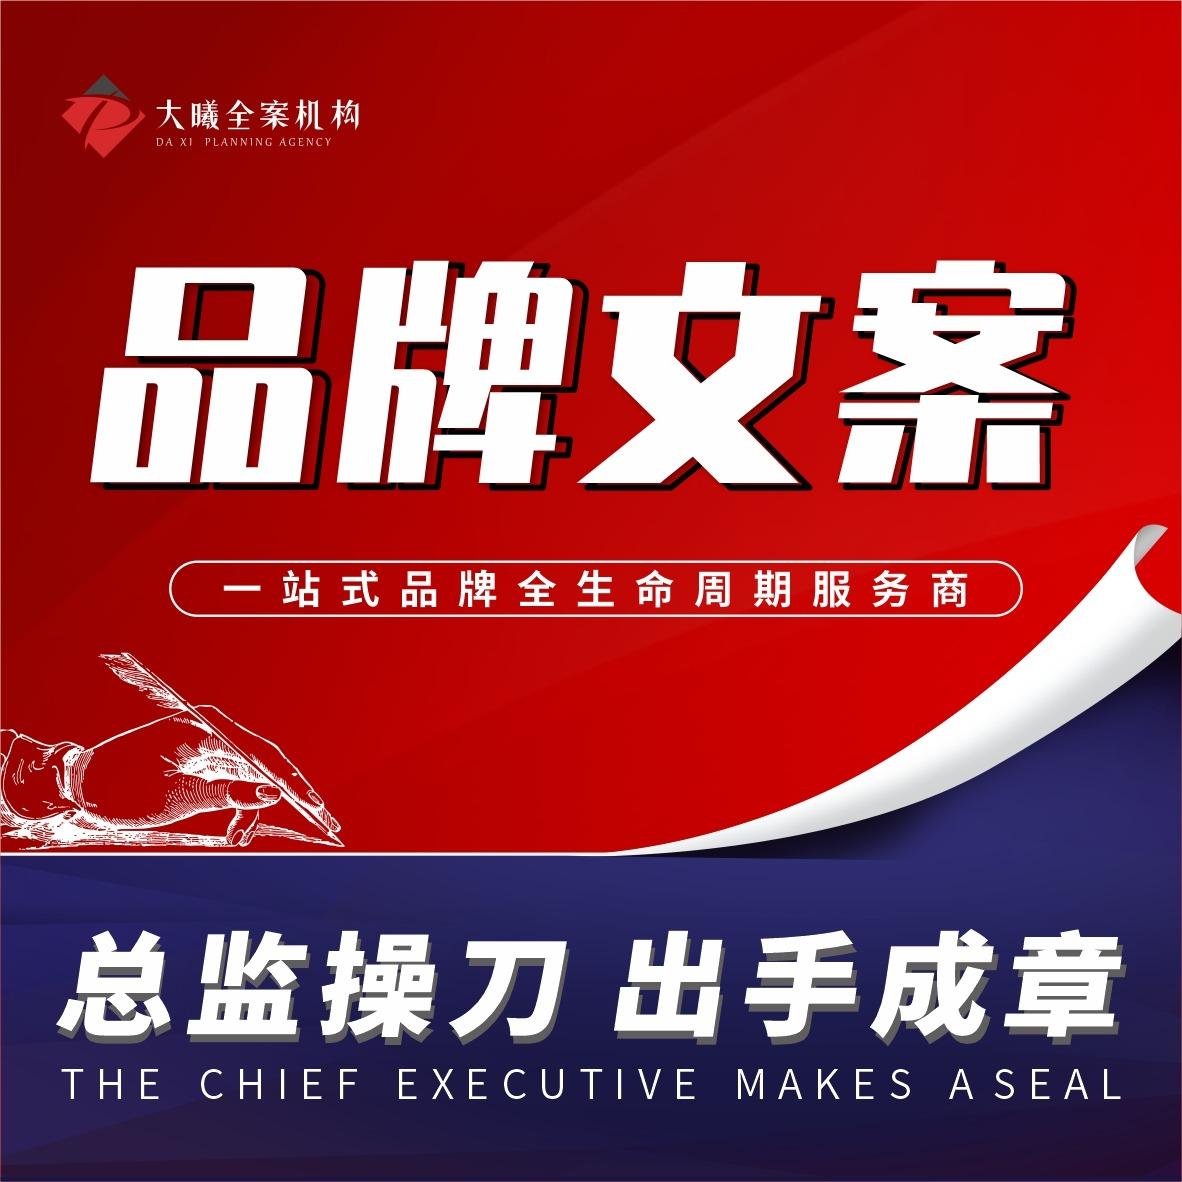 品牌文案口号slogan广告语品牌故事简介企业文化品牌文案